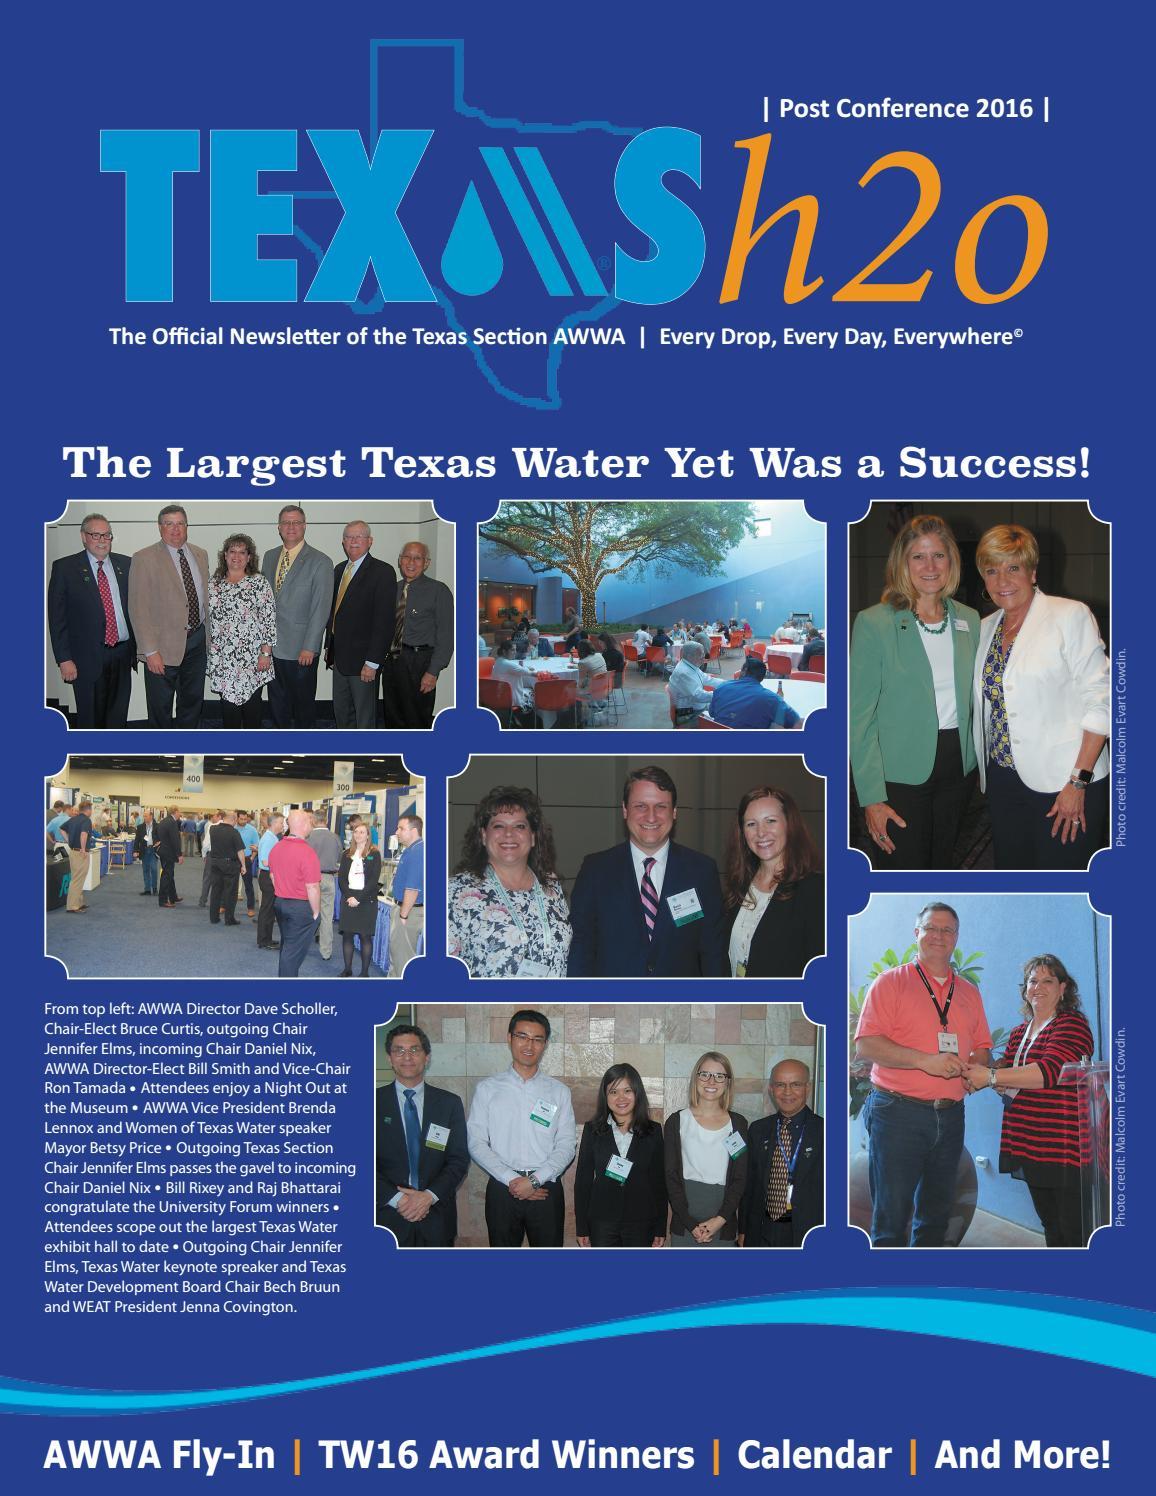 h2o postconference2016 by texas awwa issuu